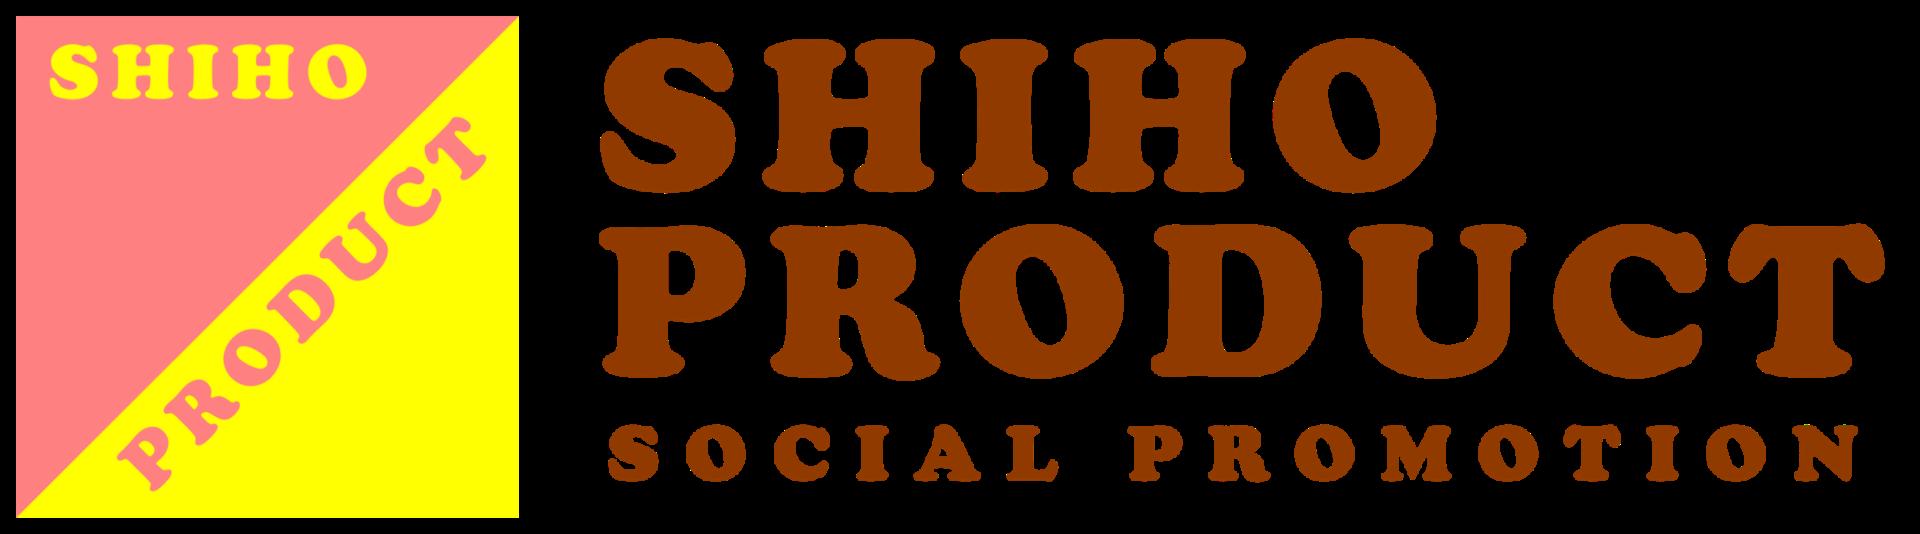 八王子のホームページ・チラシ・ポスター制作 Shiho Product